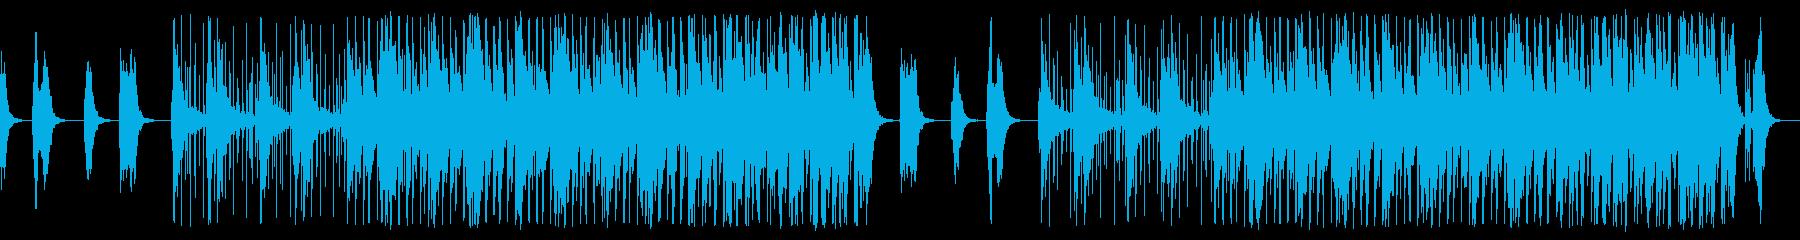 和太鼓のリズムが鳴り響く侍の均衡する戦いの再生済みの波形